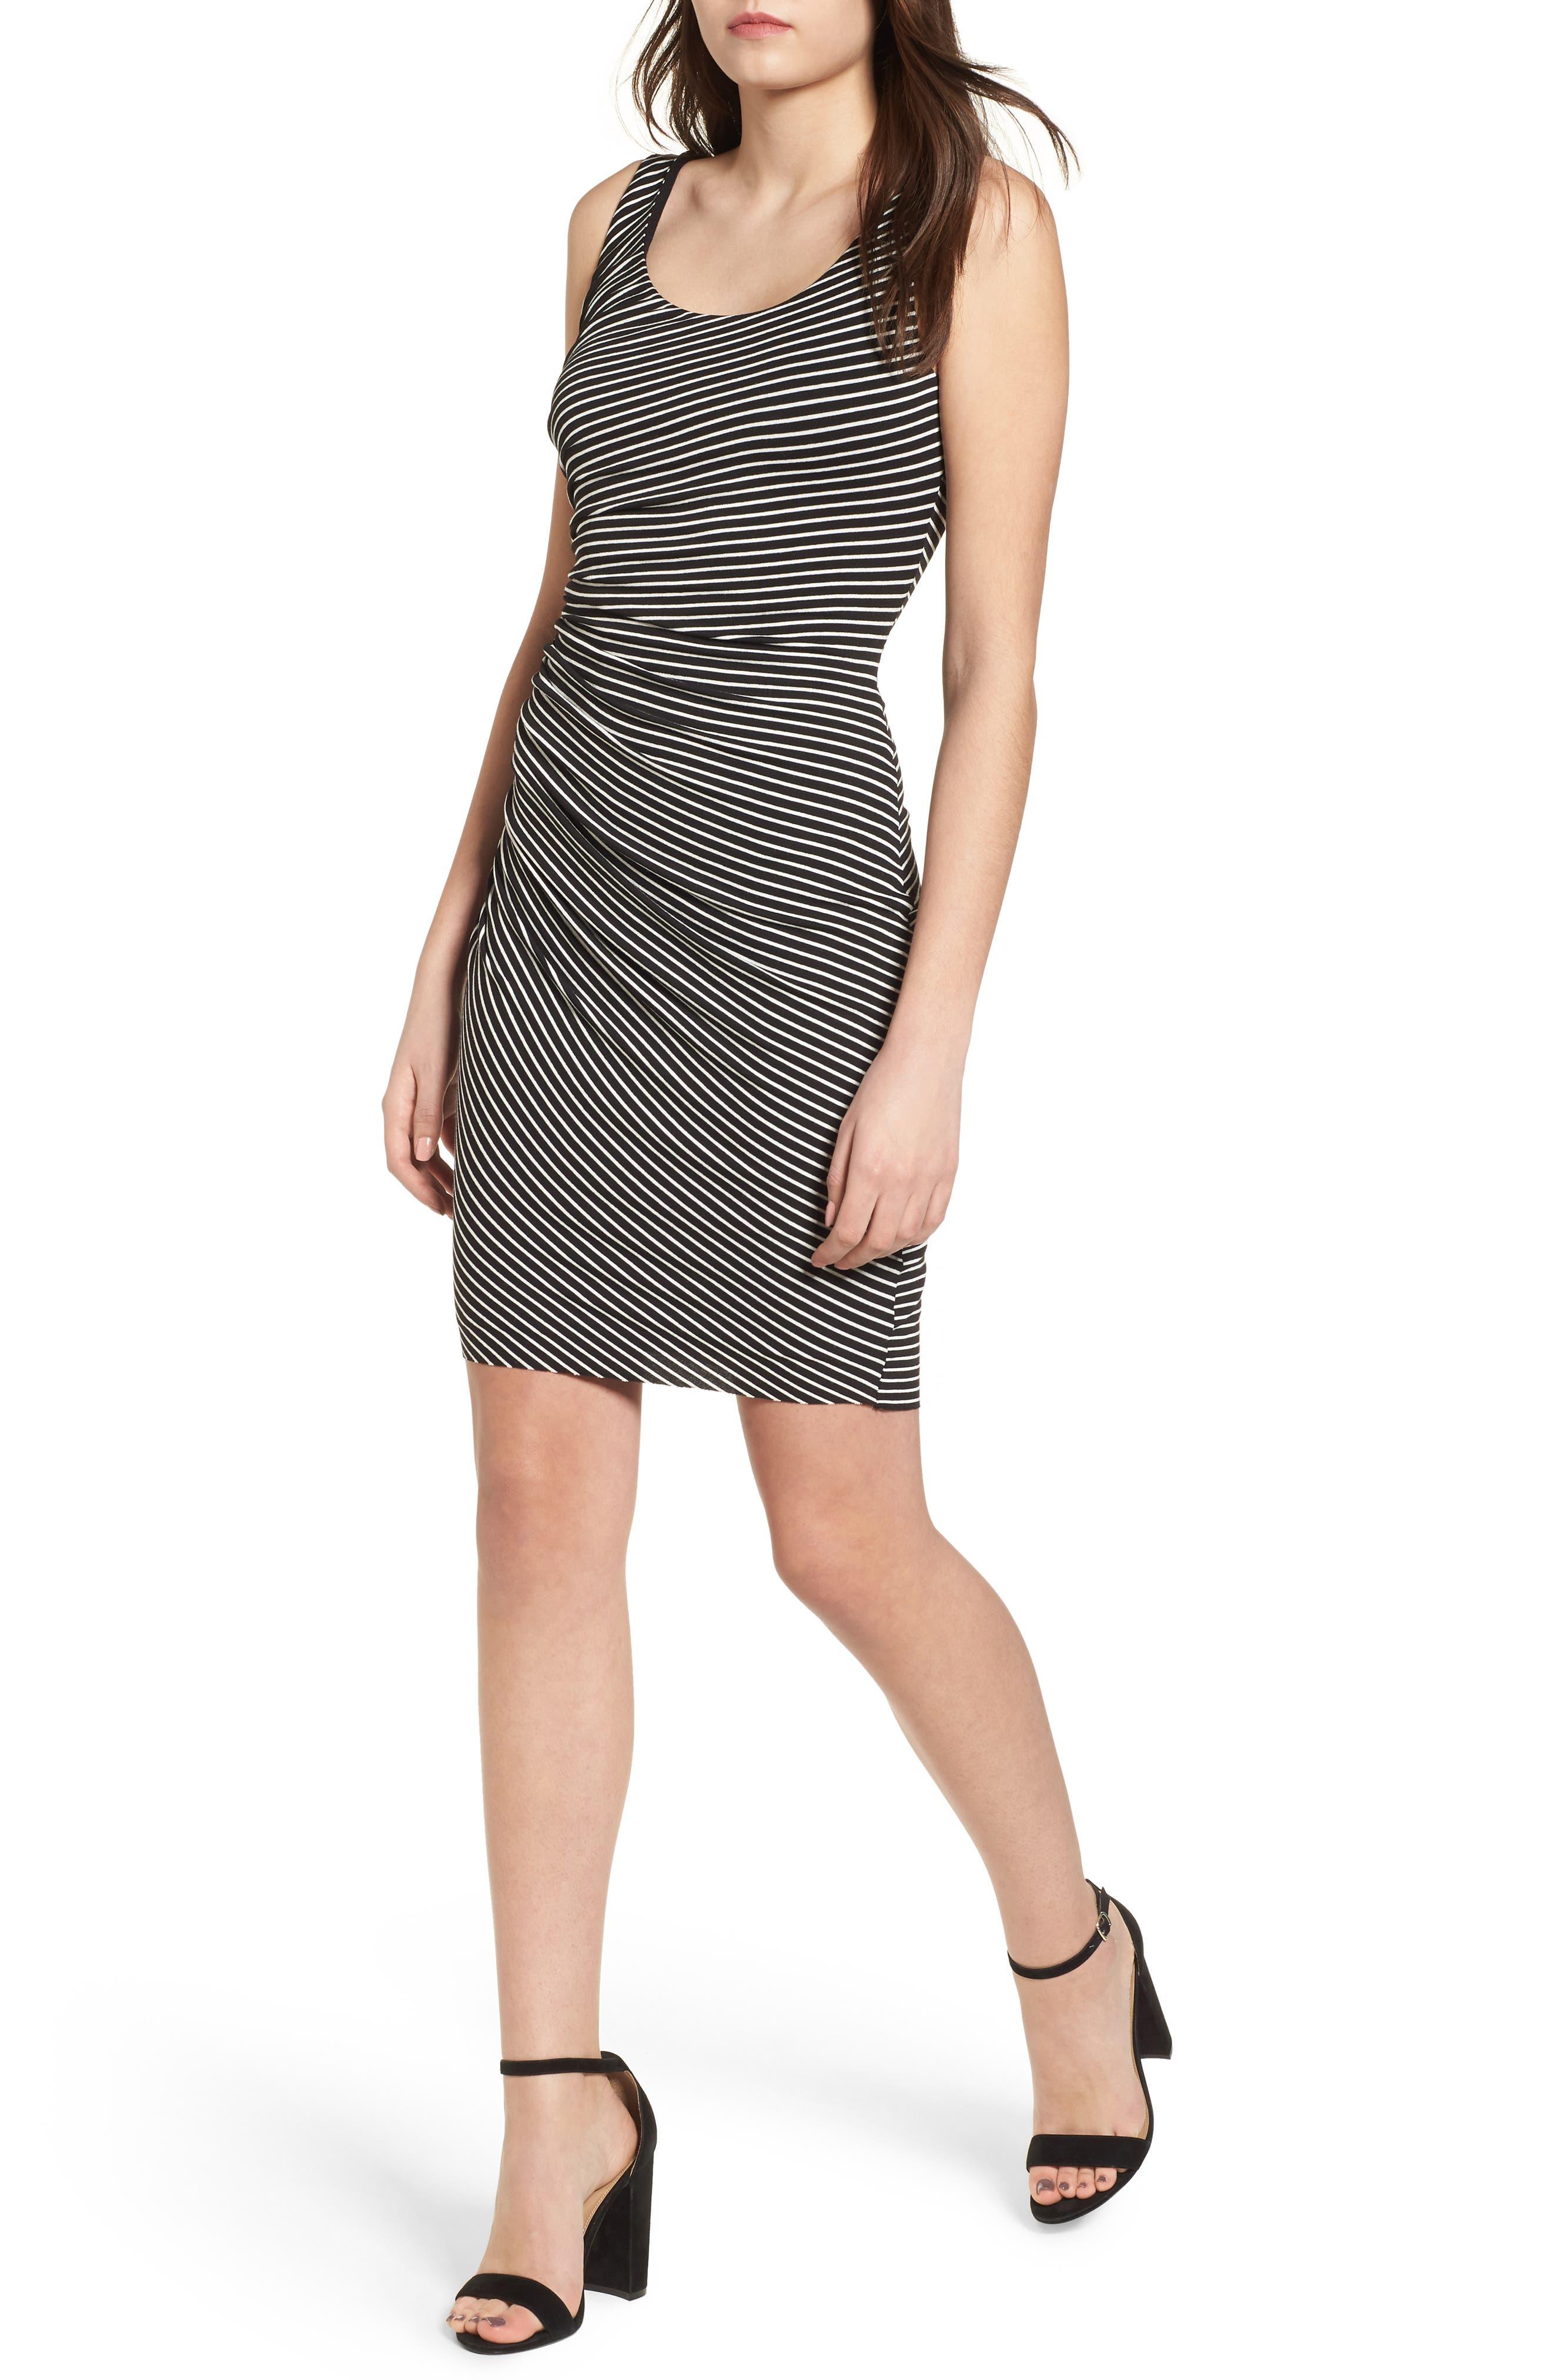 Bailey 44 Dear One Stripe Tank Dress